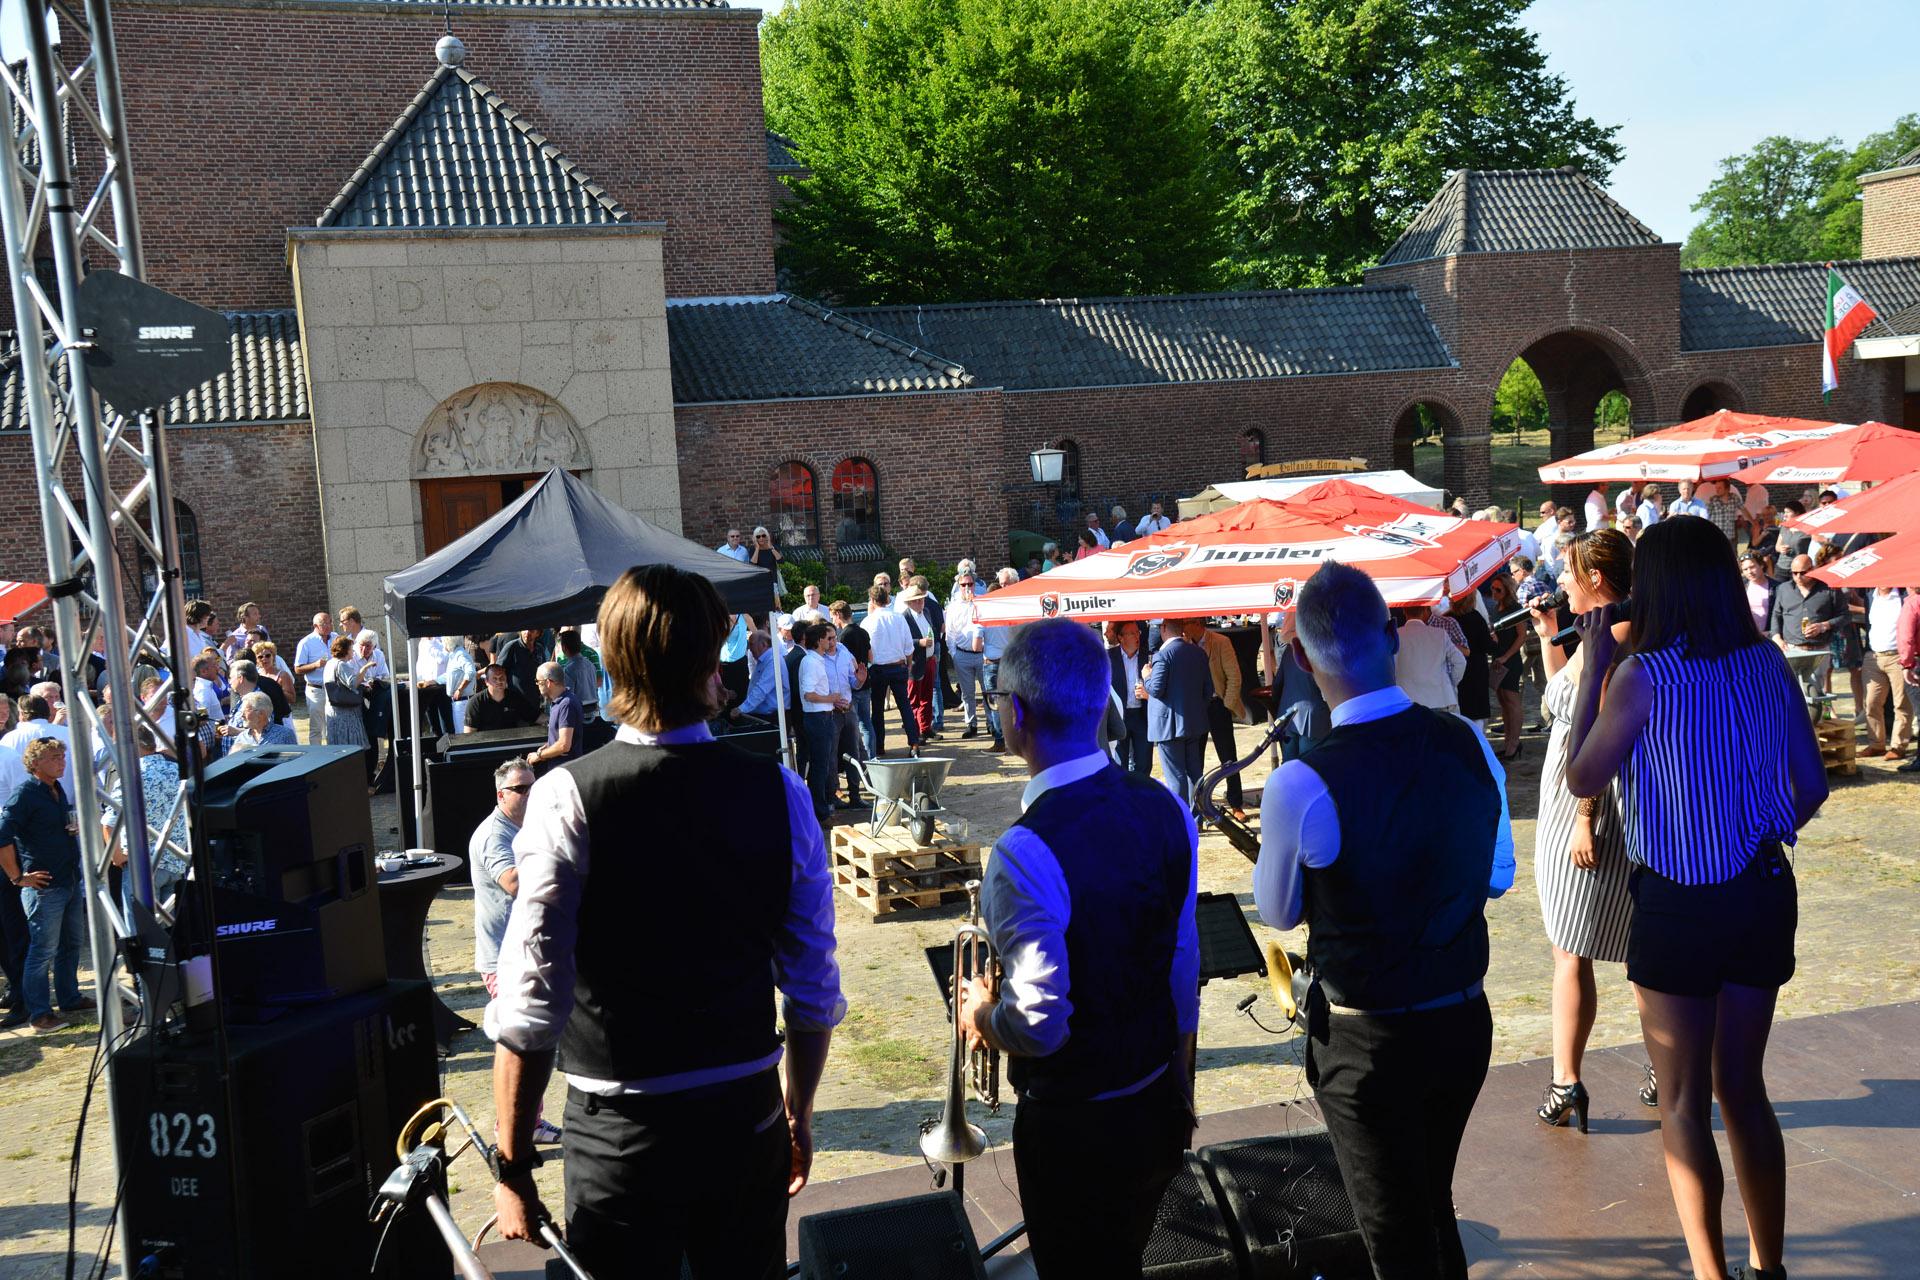 De haringparty bij De Klokkenberg, georganiseerd door Schonck, Schul en Compagnie.